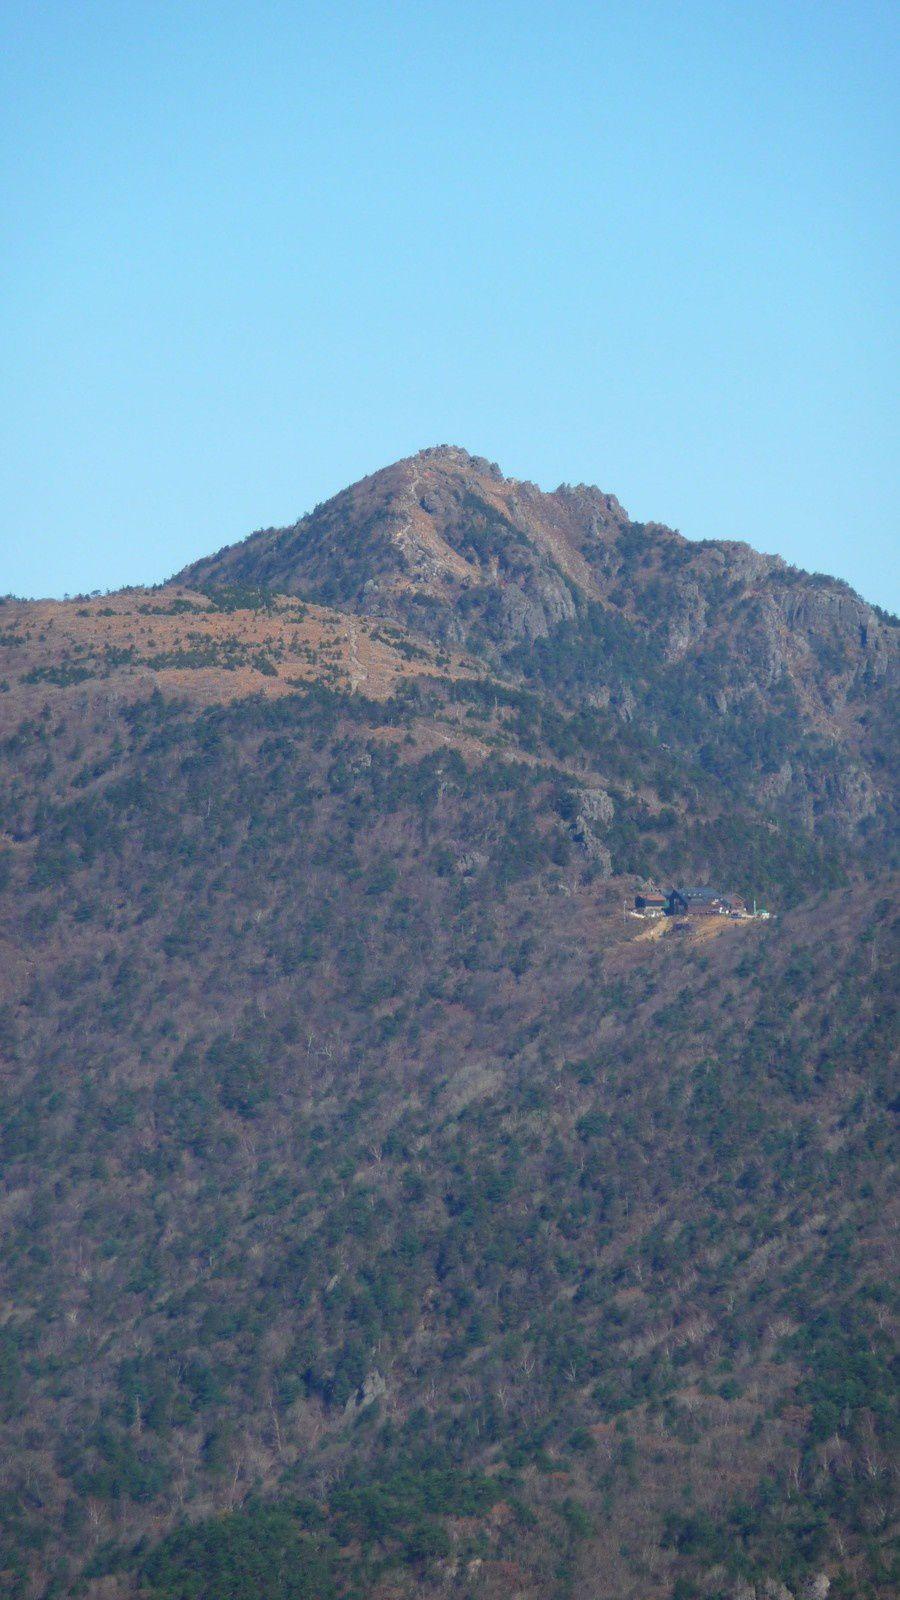 Au loin, notre objectif du surlendemain (qui s'est transformé en objectif du lendemain), le plus haut sommet du parc aka Cheonhwangbong. À son pied, le refuge de Jangteomok qu'on va tenter de rejoindre avant la nuit.